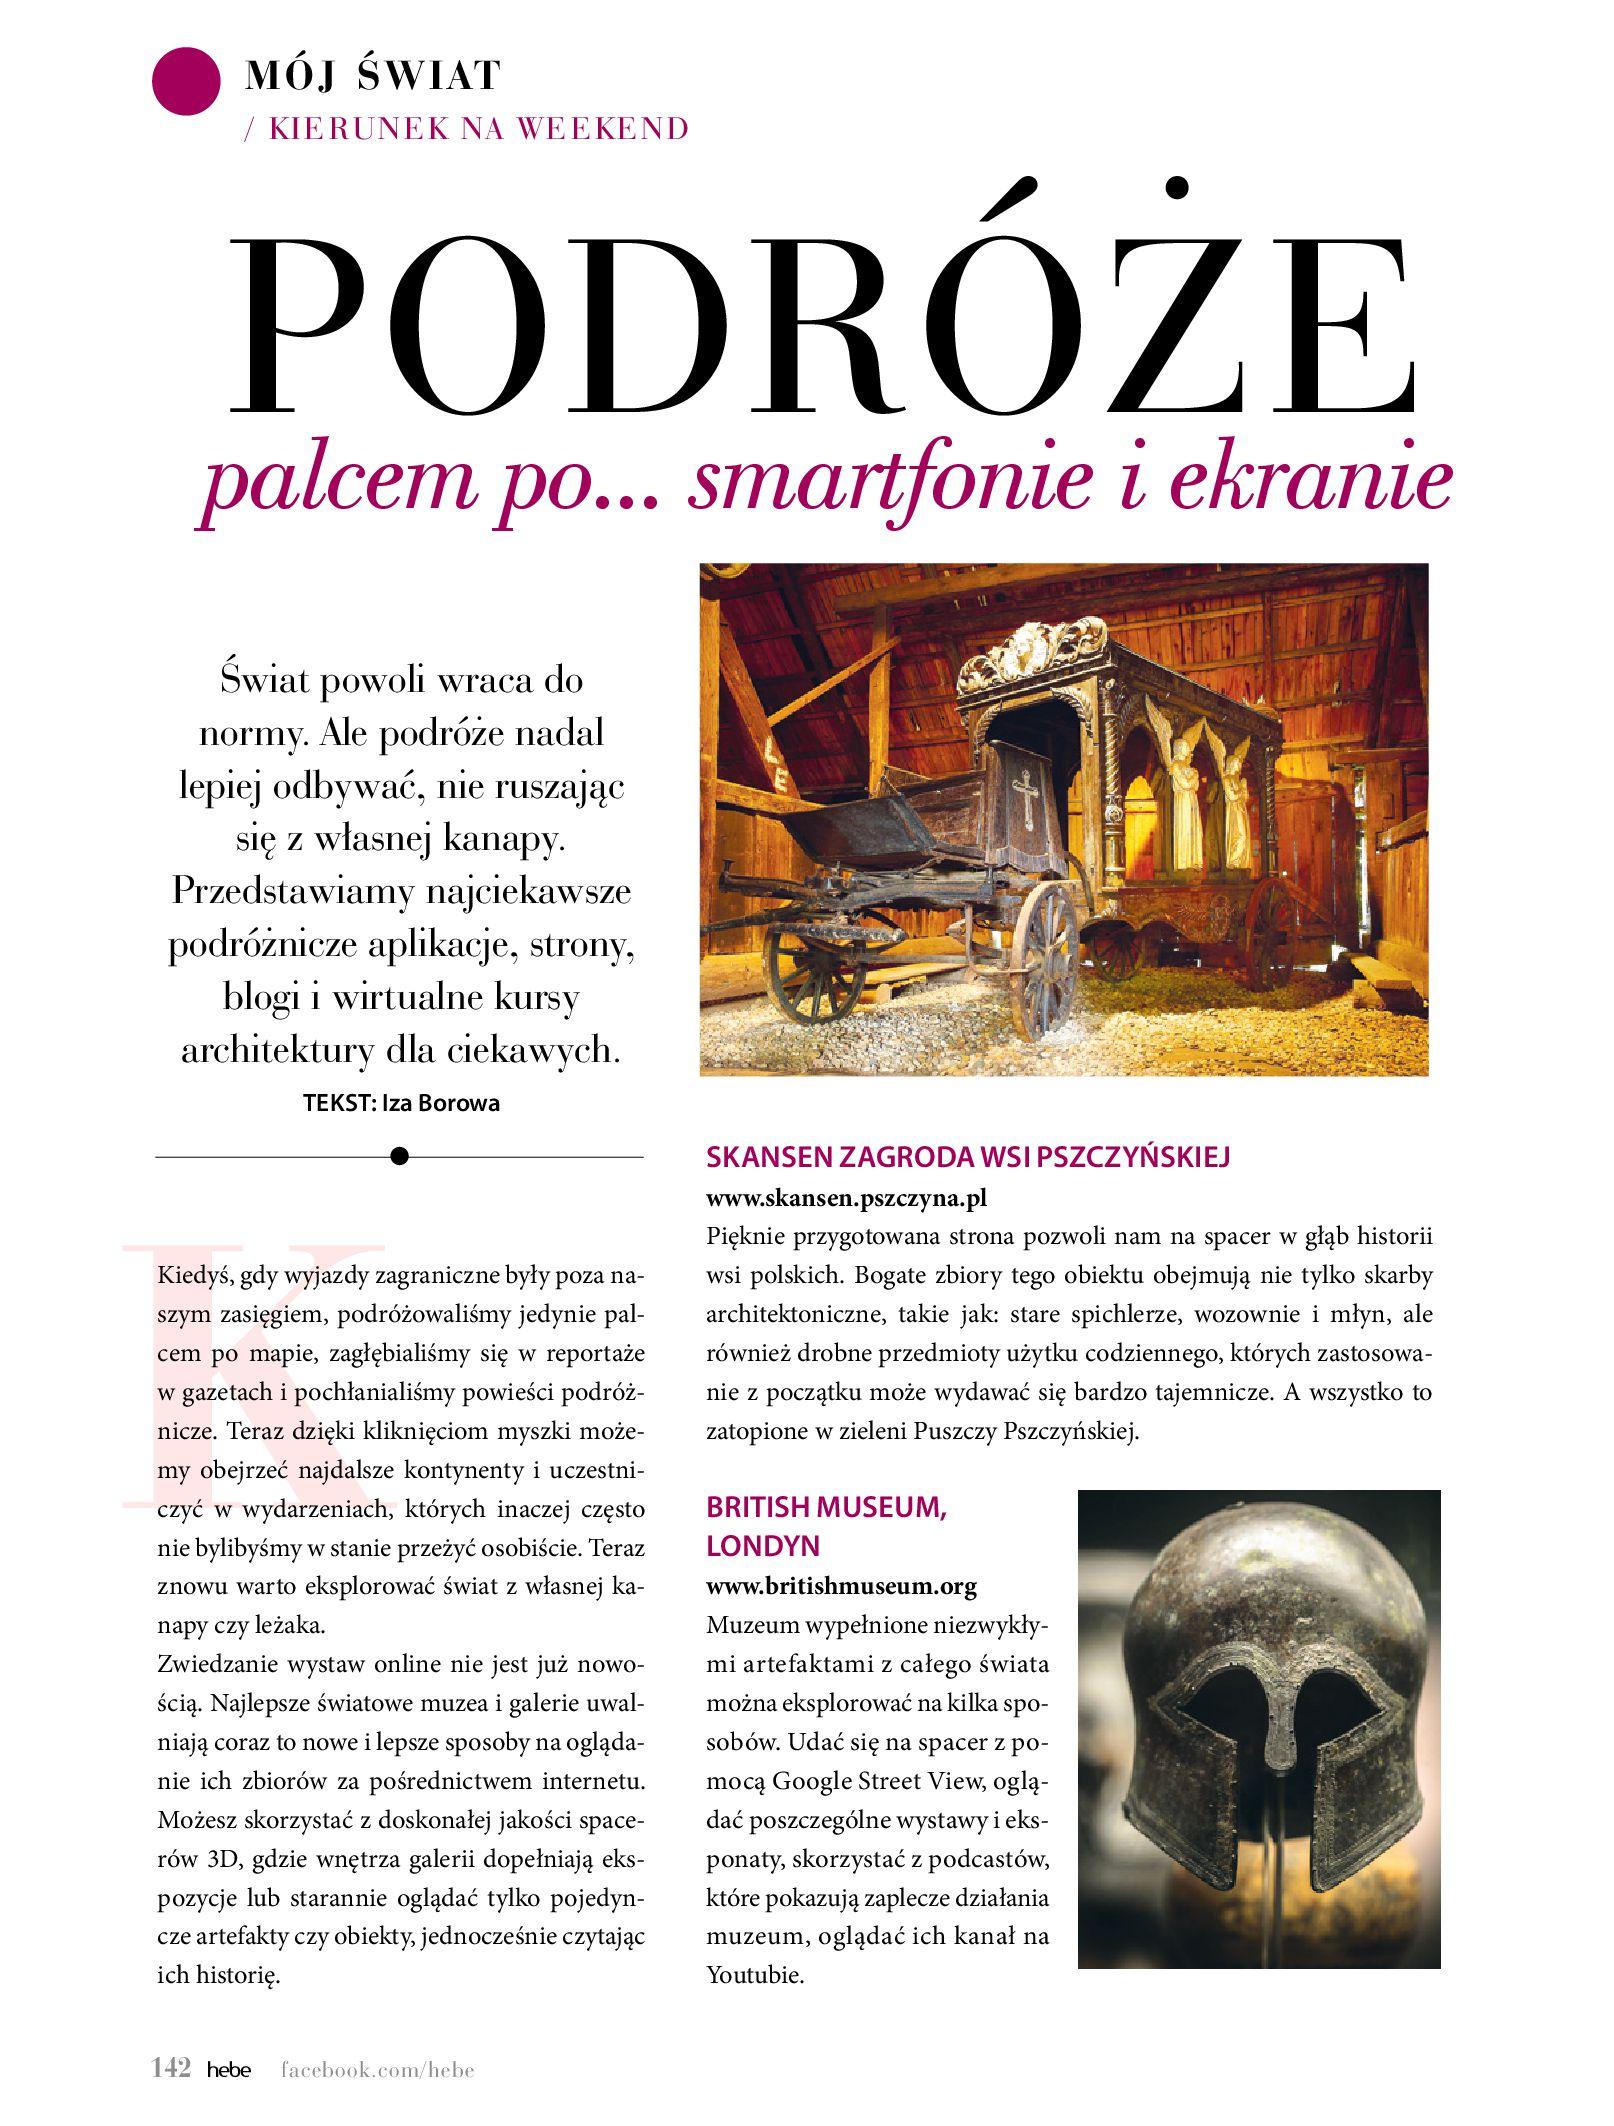 Gazetka hebe - Magazyn Hebe-30.06.2020-31.08.2020-page-142